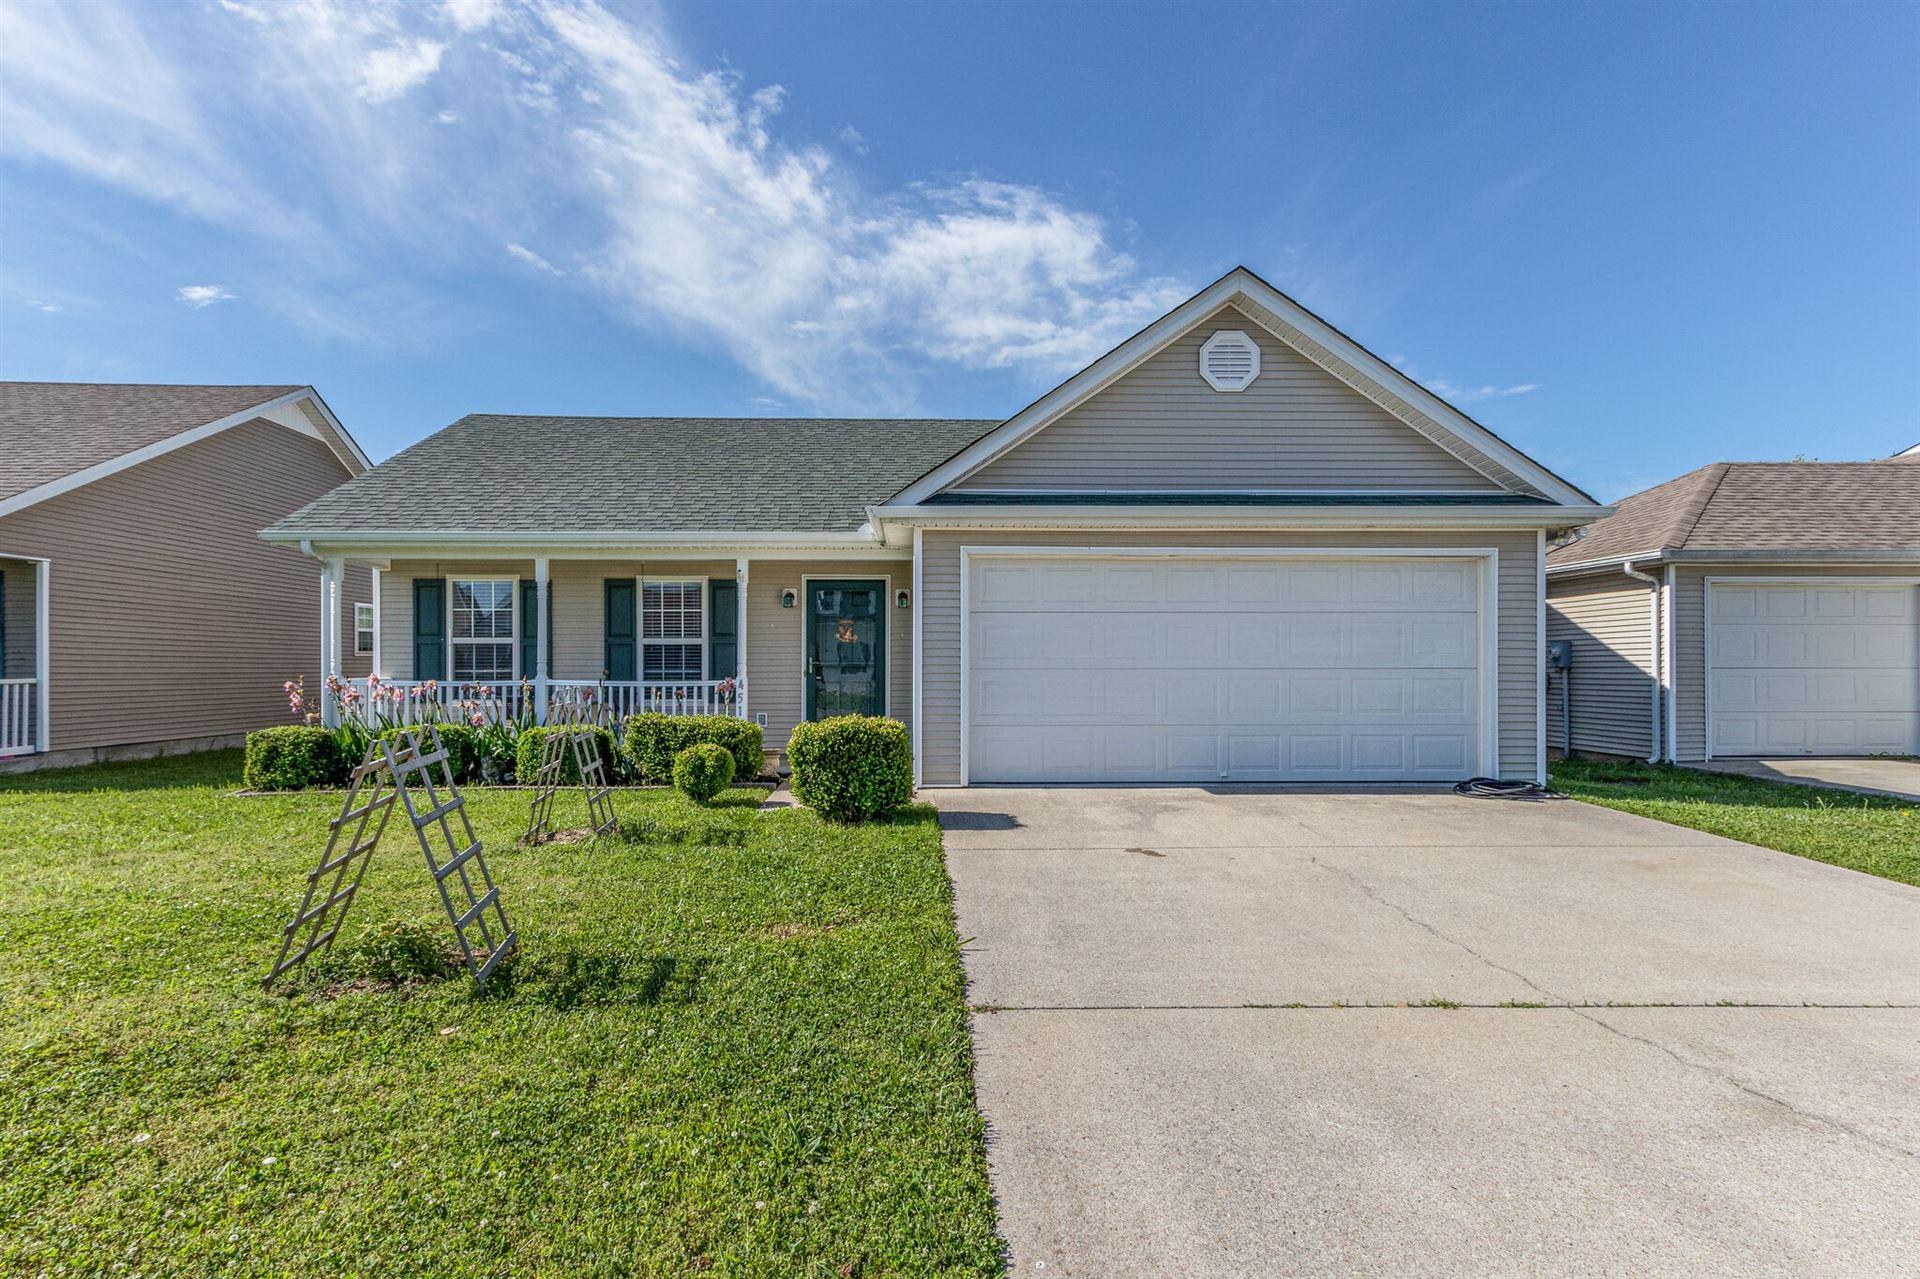 451 Nyu Pl, Murfreesboro, TN 37128 - MLS#: 2251439